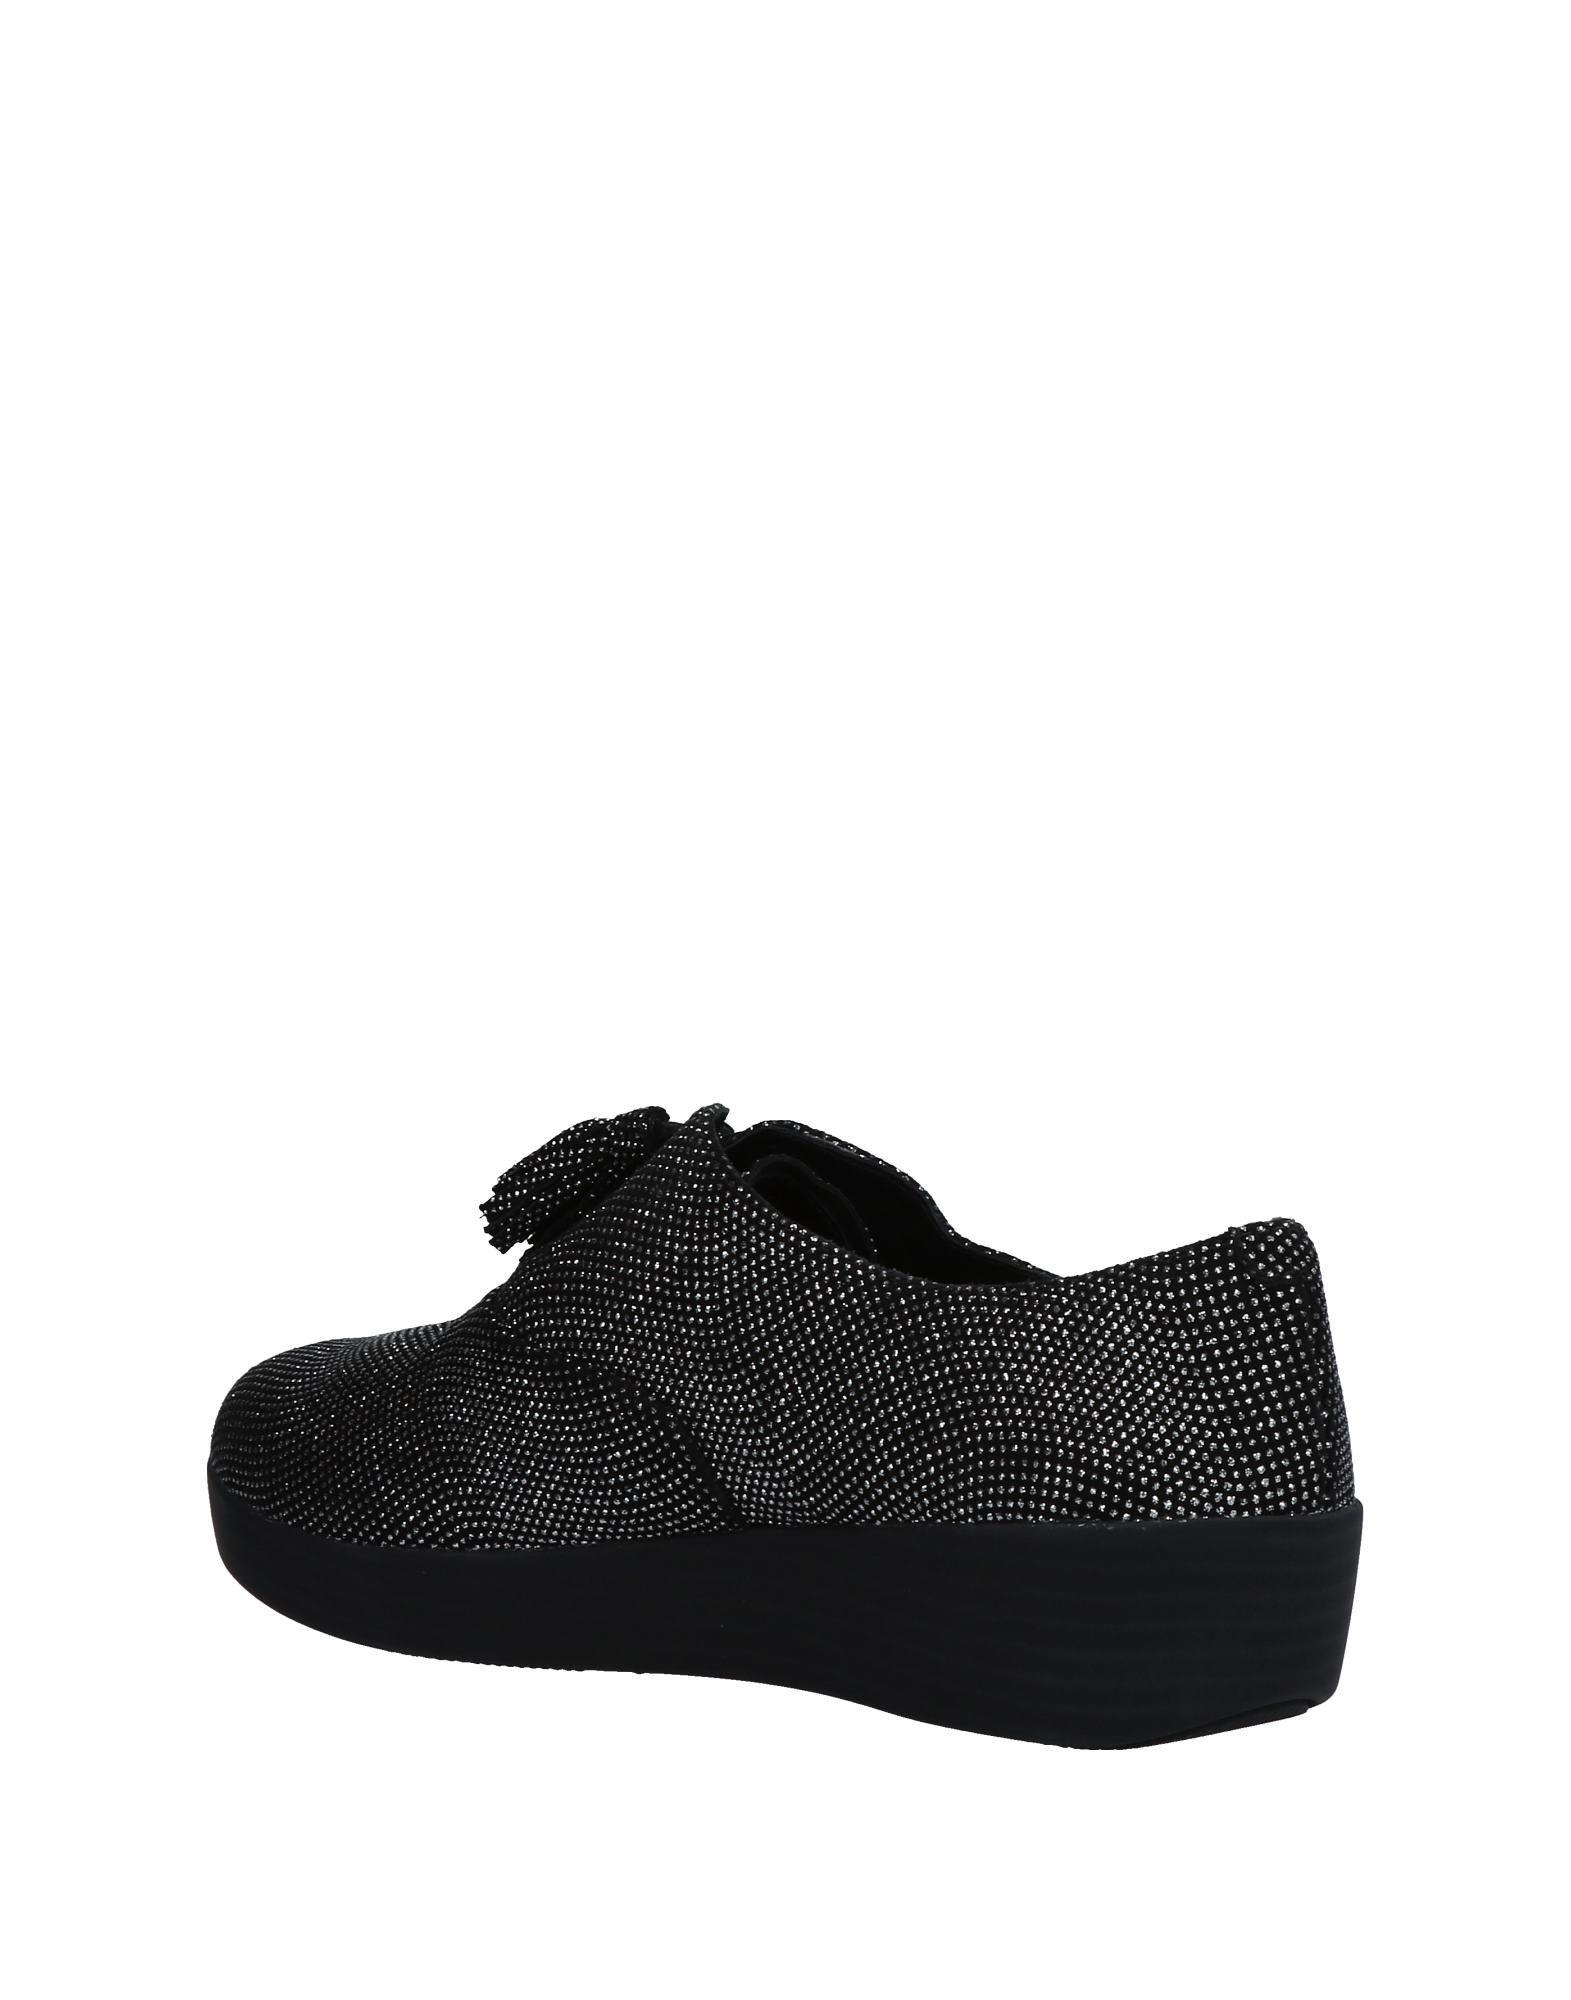 1d2a455bca492 ... Fitflop 11474562OM Schnürschuhe Damen 11474562OM Fitflop Gute Qualität  beliebte Schuhe 9a1f02 ...